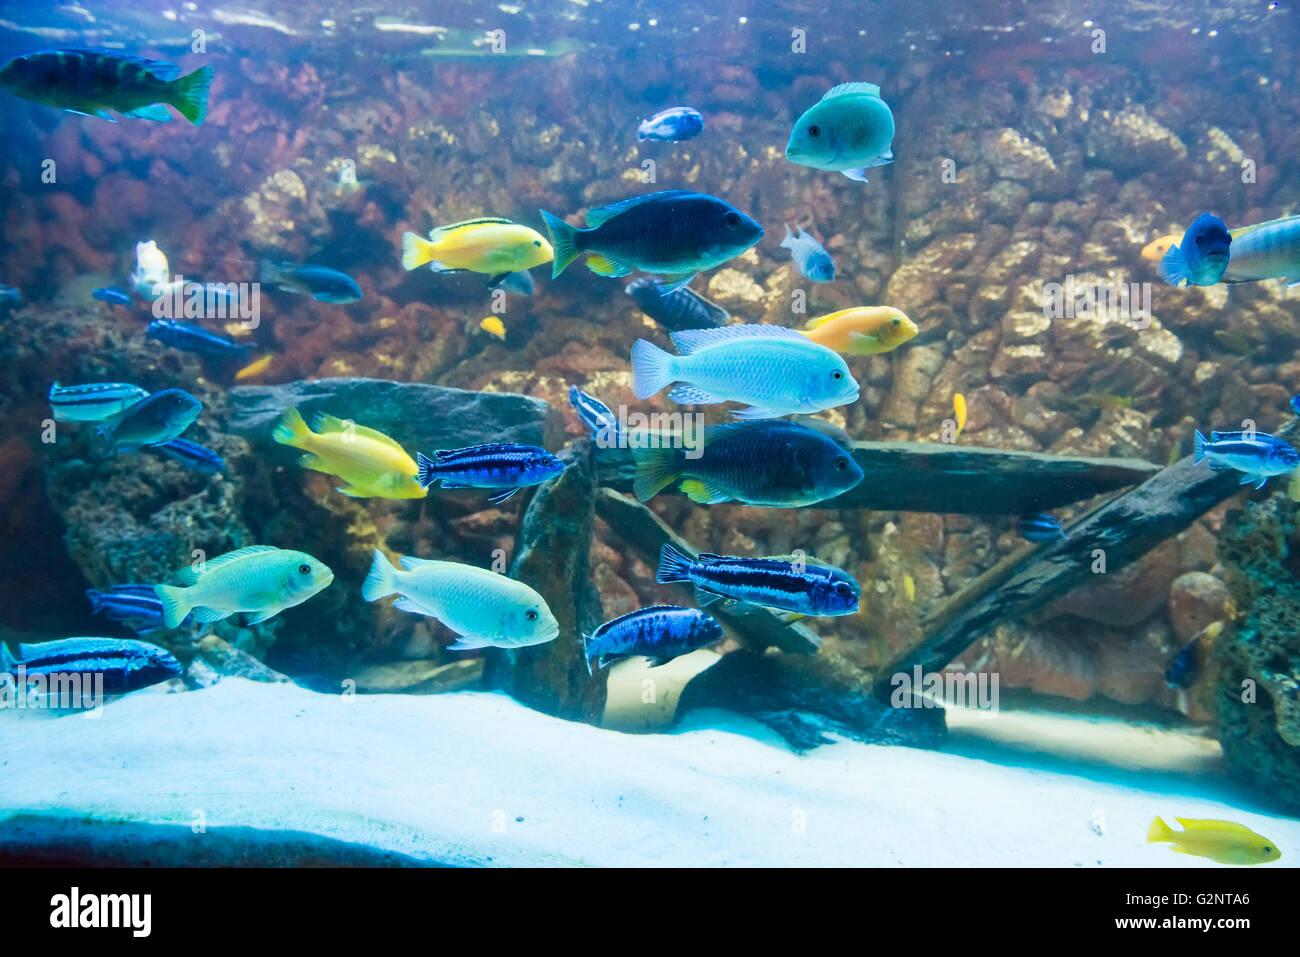 Les poissons d'eau douce Cichlidés aquarium coloré. Photo Stock